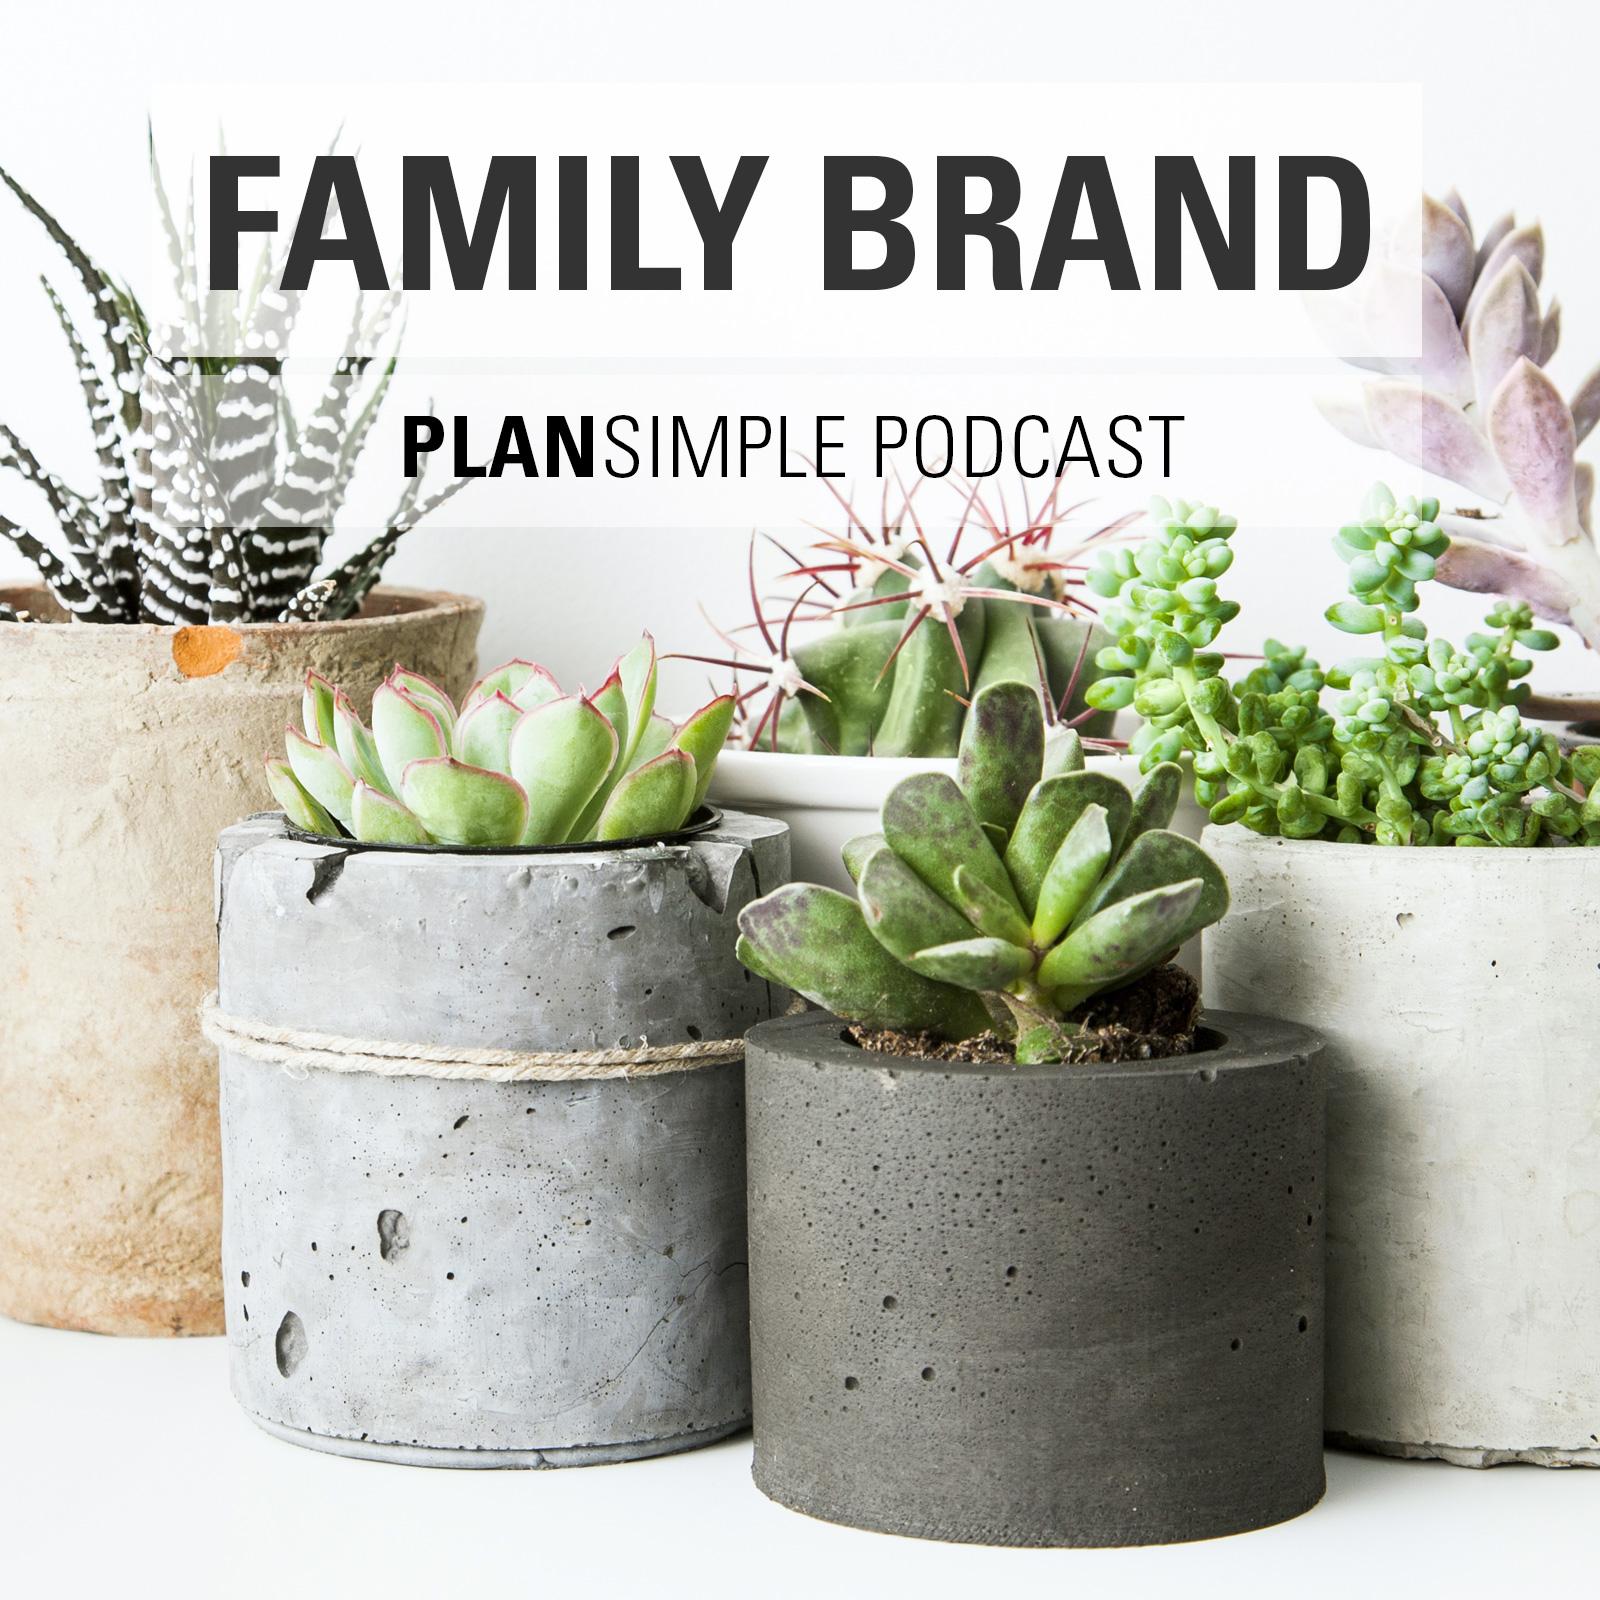 Family Brand